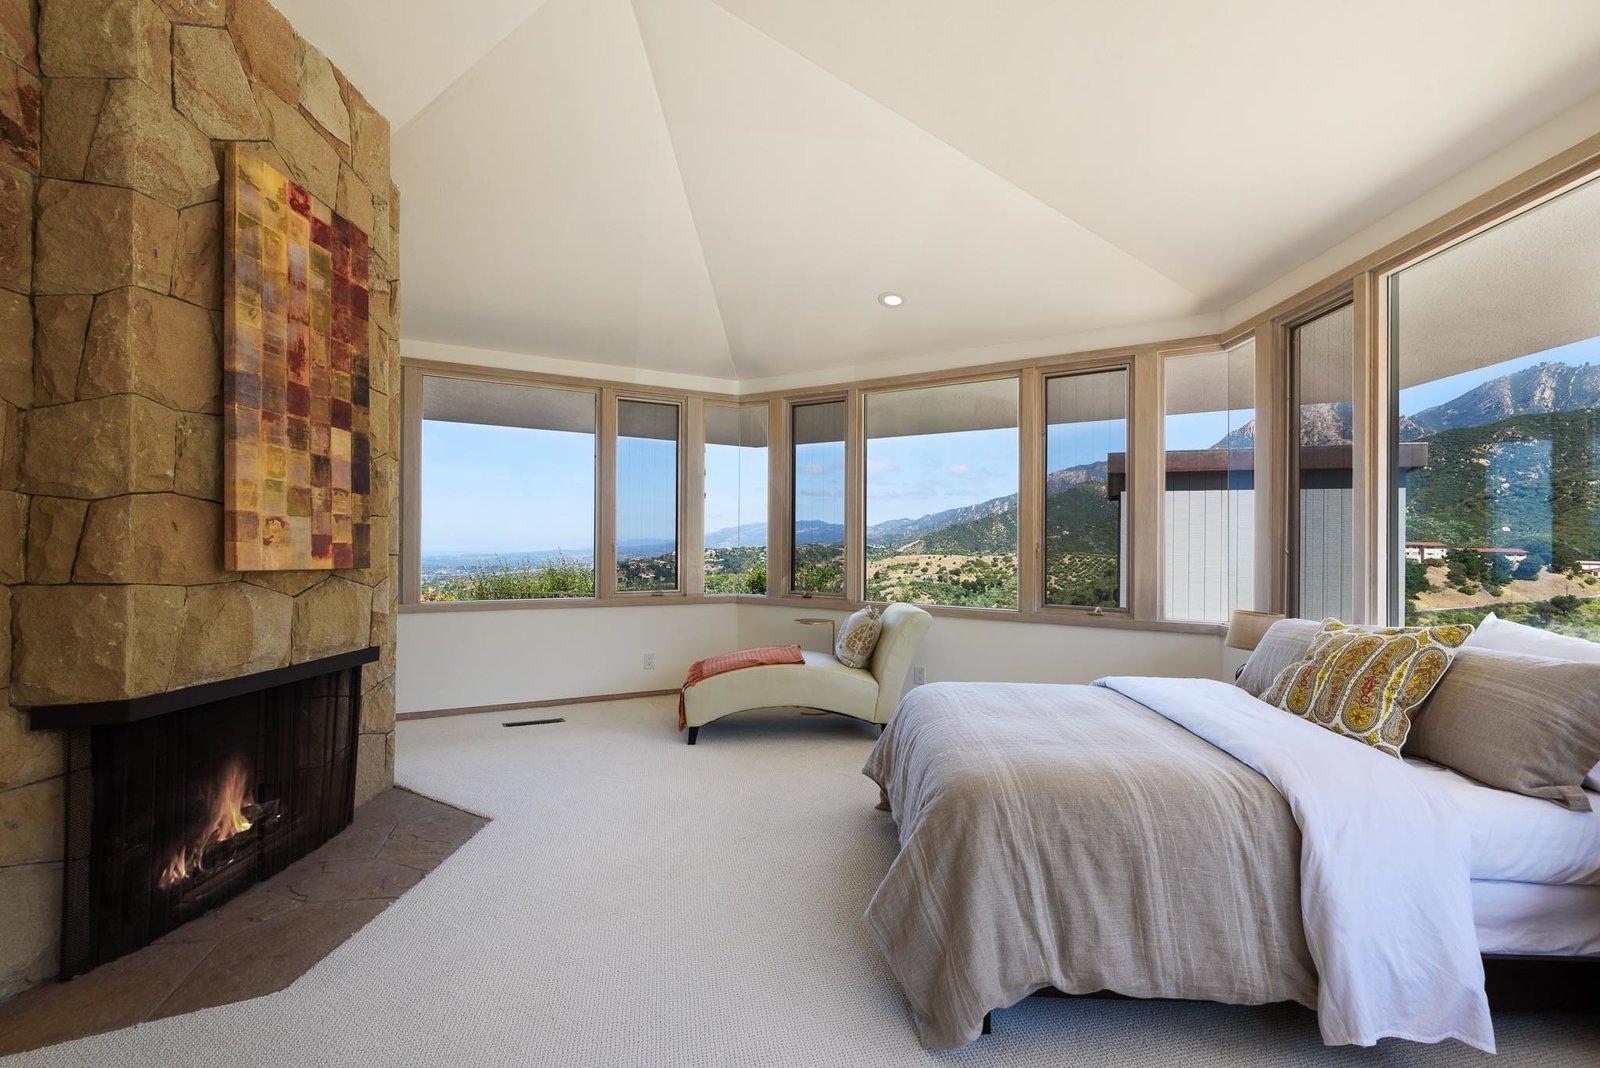 George Michael home bedroom